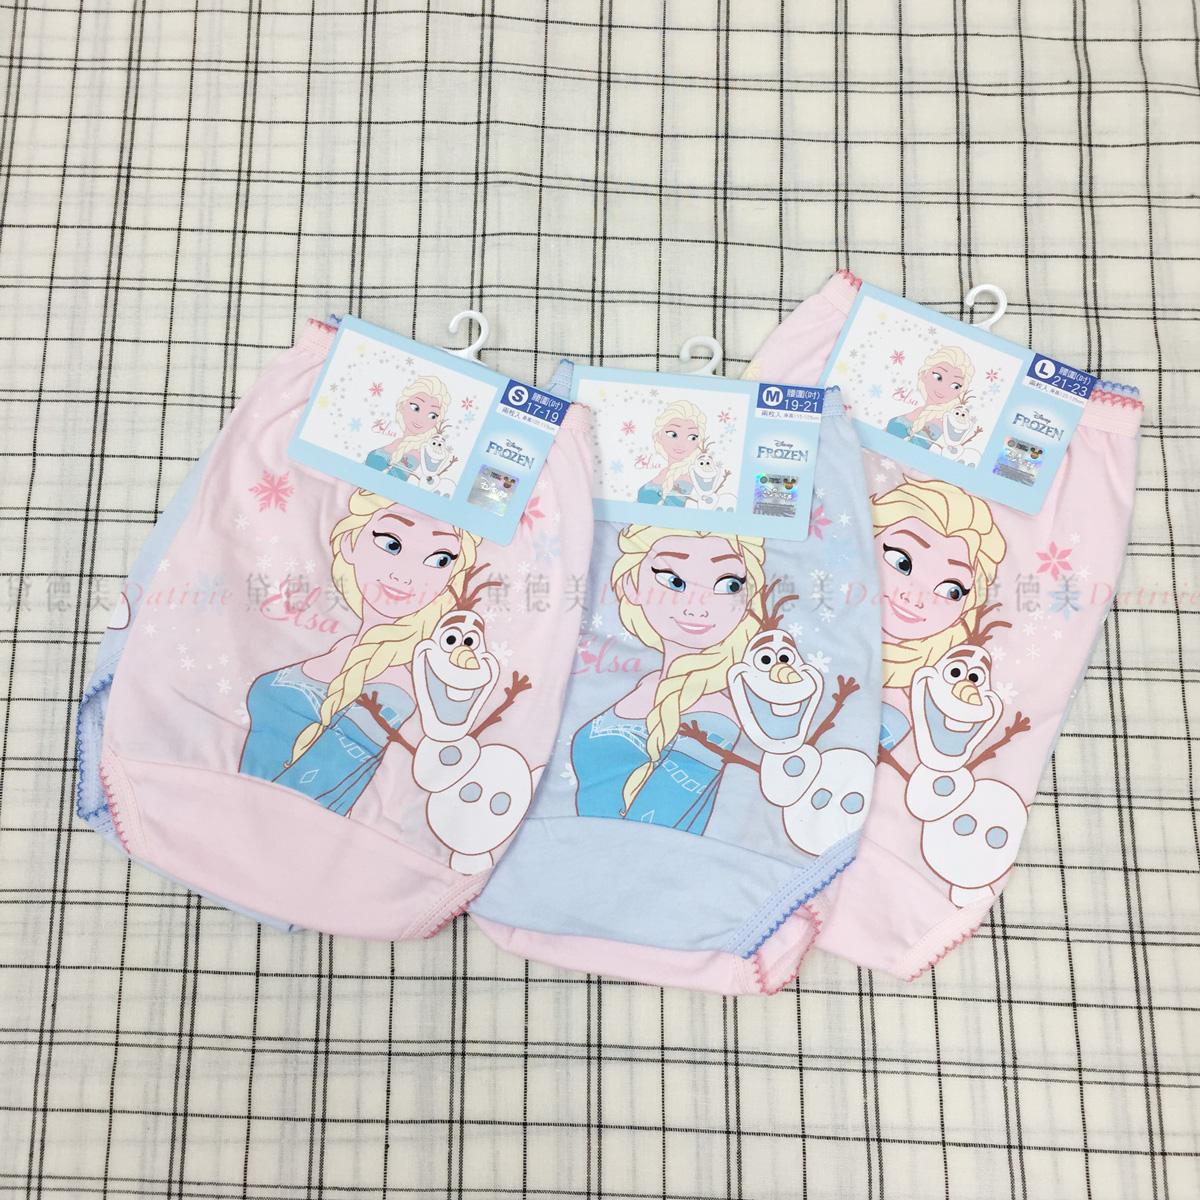 女童三角褲 迪士尼 冰雪奇緣 Elsa 雪寶 2入 女童純棉內褲 正版授權